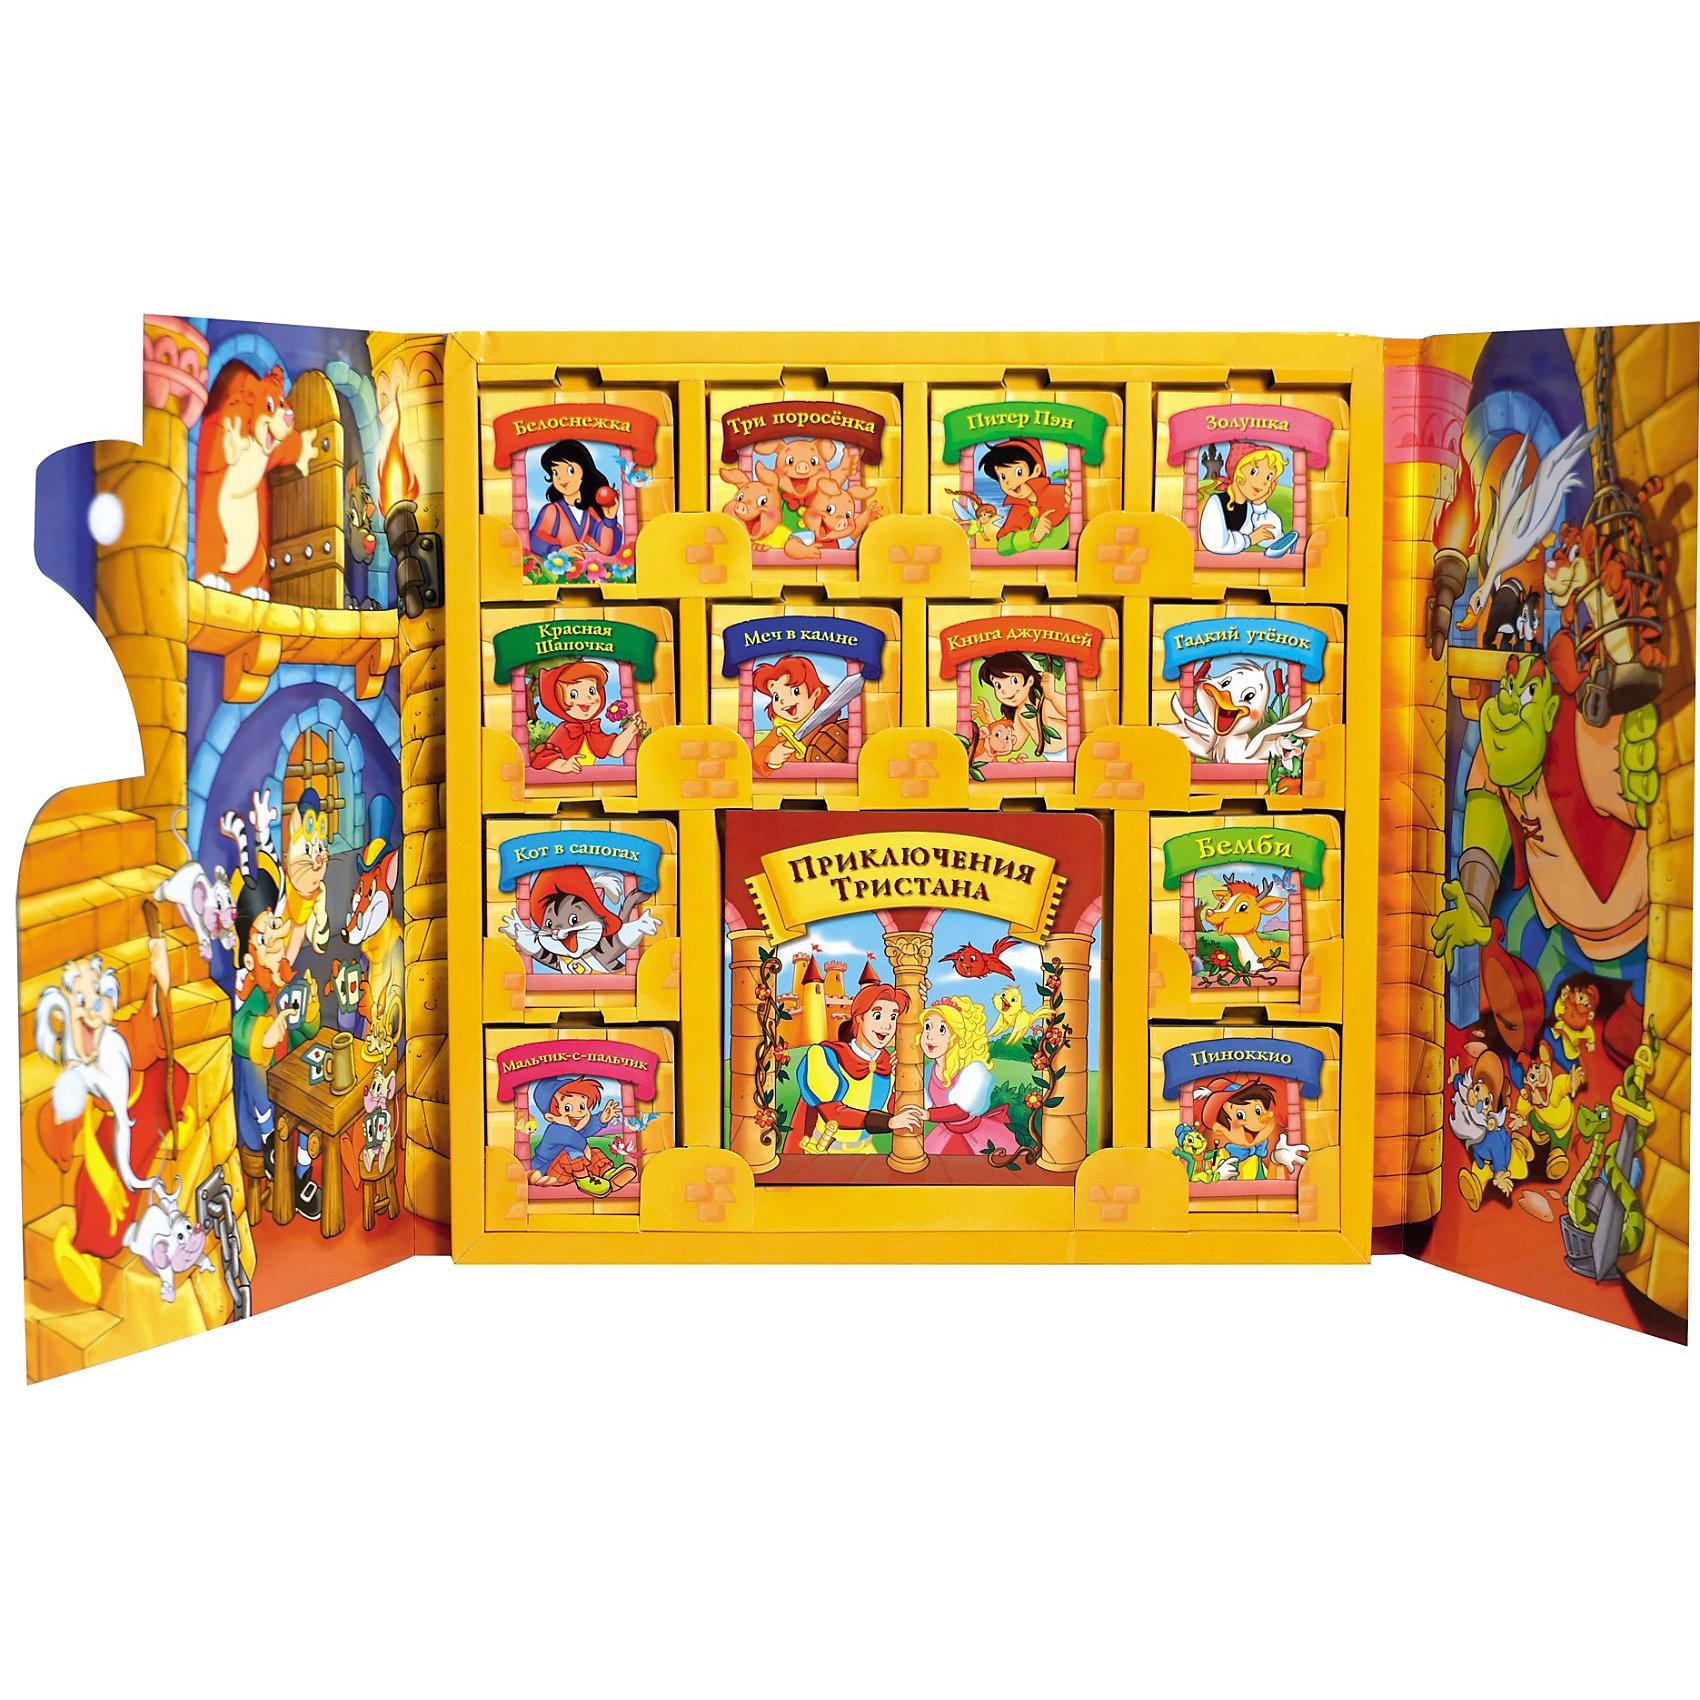 Подарочное издание Сказочный замок (13 в 1)Подарочный набор из 13 мини-книжек с самыми известными сказками в красиво оформленной коробке в виде замка. Любимые истории малыш всегда может взять с собой.  <br><br>Дополнительная информация:<br><br>В наборе 13 книжечек по 12 страниц: 12 книг формата 85х85 мм, и одна - 170х170 мм. <br>Обложка: Картон <br>Формат: 425х425х20 мм<br>Объем: 12 стр.<br><br>Содержание:<br><br>Книга 1: Приключения Тристана<br>Книга 2: Белоснежка<br>Книга 3: Три поросенка<br>Книга 4: Питер Пэн<br>Книга 5: Золушка<br>Книга 6: Красная Шапочка<br>Книга 7: Меч в камне<br>Книга 8: Книга джунглей<br>Книга 9: Гадкий утенок<br>Книга 10: Кот в сапогах<br>Книга 11: Мальчик-спальчик<br>Книга 12: Бемби<br>Книга 13: Пиноккио<br><br>Сказочный замок (13 в 1) Росмэн можно купить в нашем магазине.<br><br>Ширина мм: 425<br>Глубина мм: 425<br>Высота мм: 20<br>Вес г: 1440<br>Возраст от месяцев: 24<br>Возраст до месяцев: 84<br>Пол: Унисекс<br>Возраст: Детский<br>SKU: 3375170